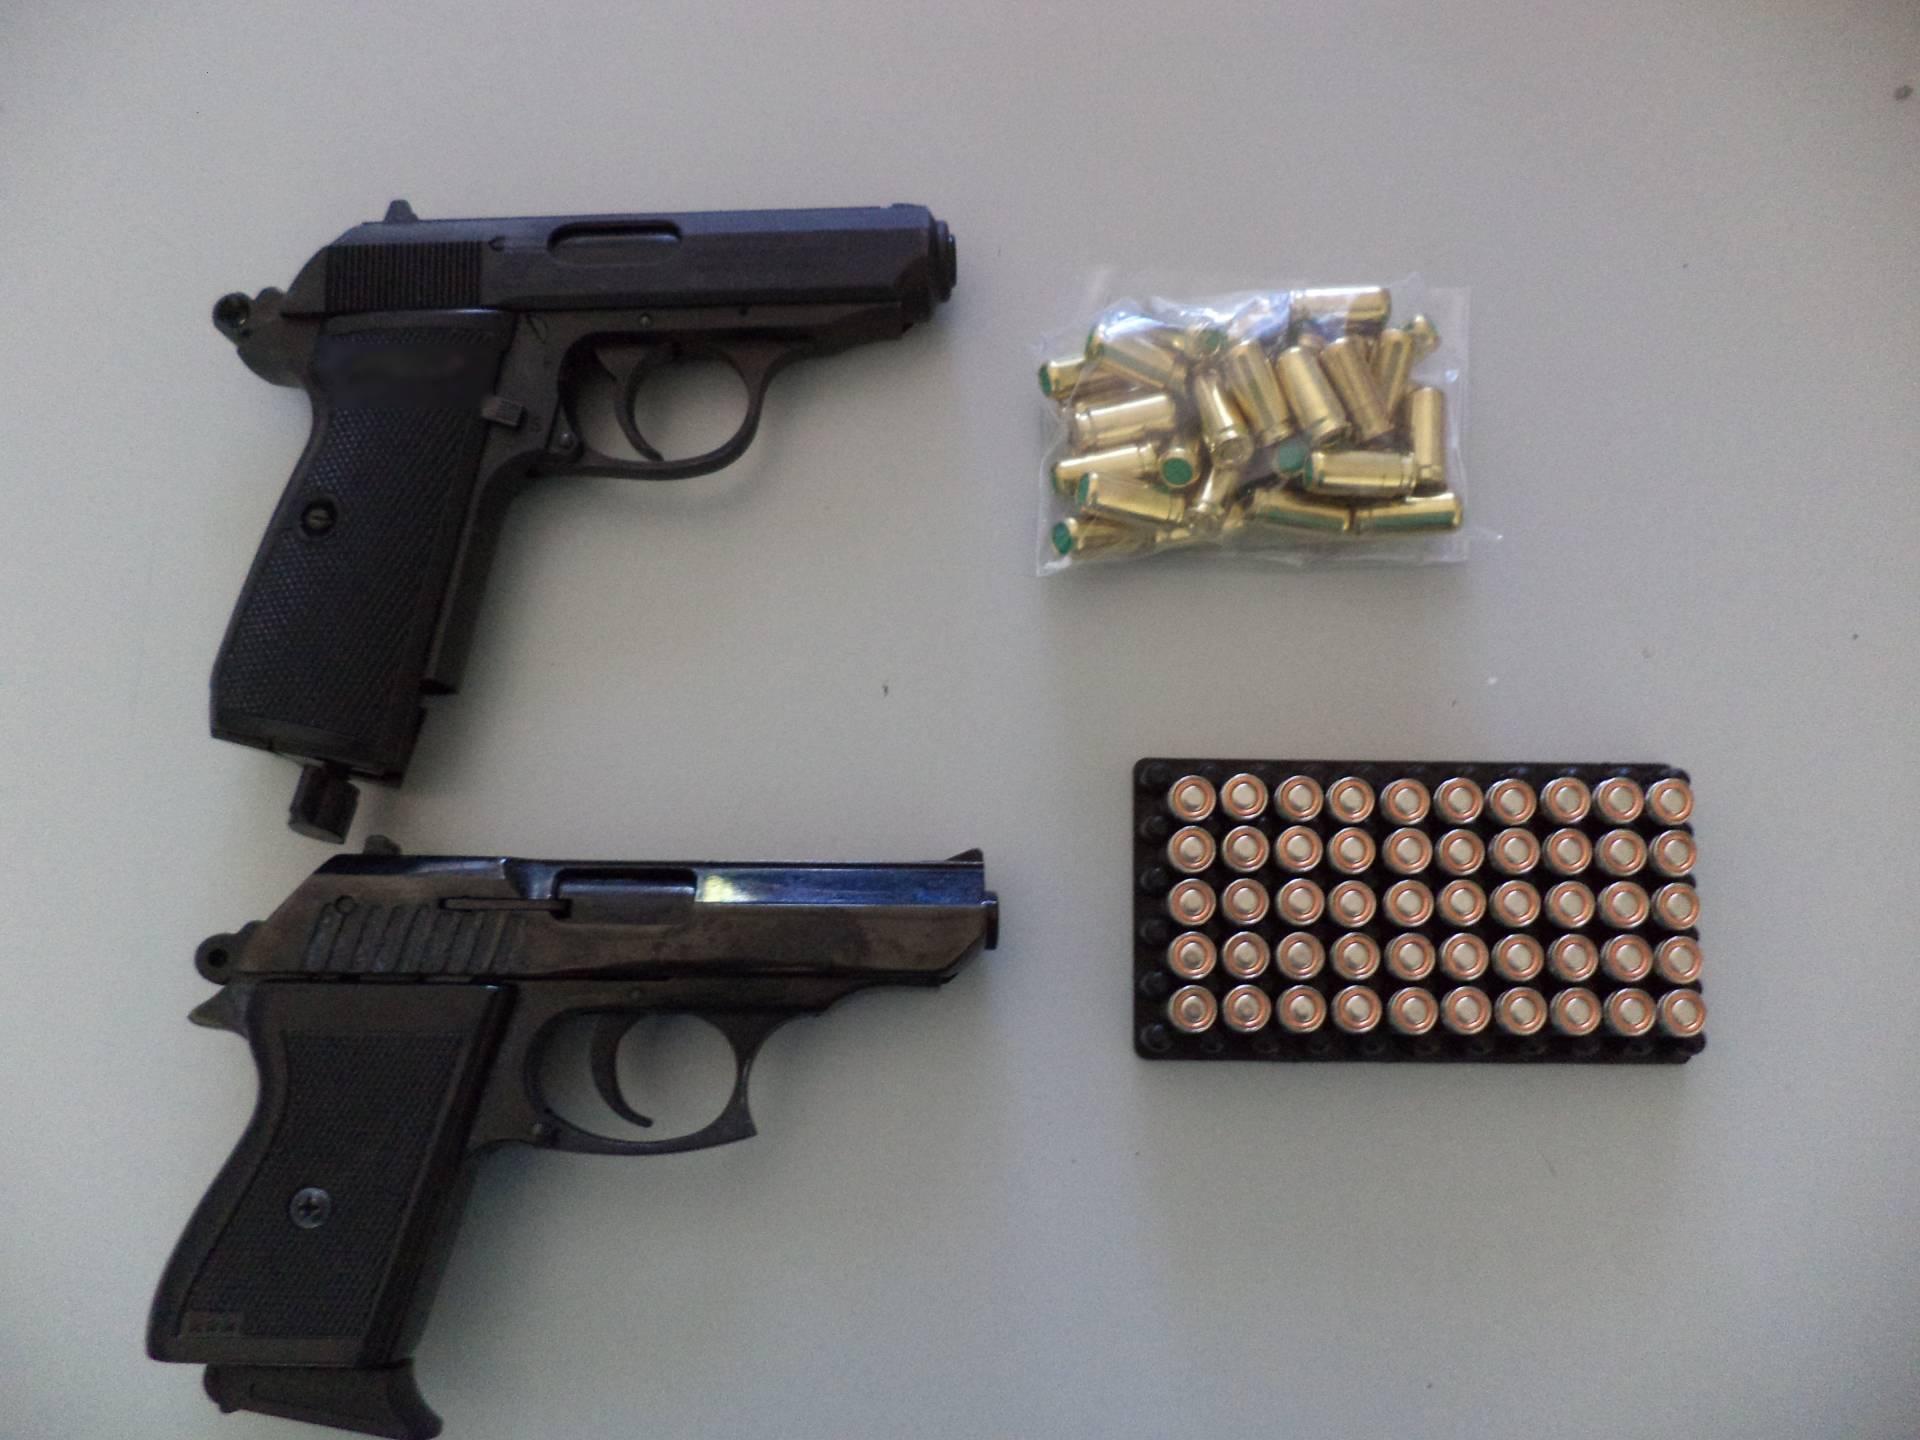 Σύλληψη 28χρονου ημεδαπού στην Φλώρινα για παράβαση του νόμου περί όπλων